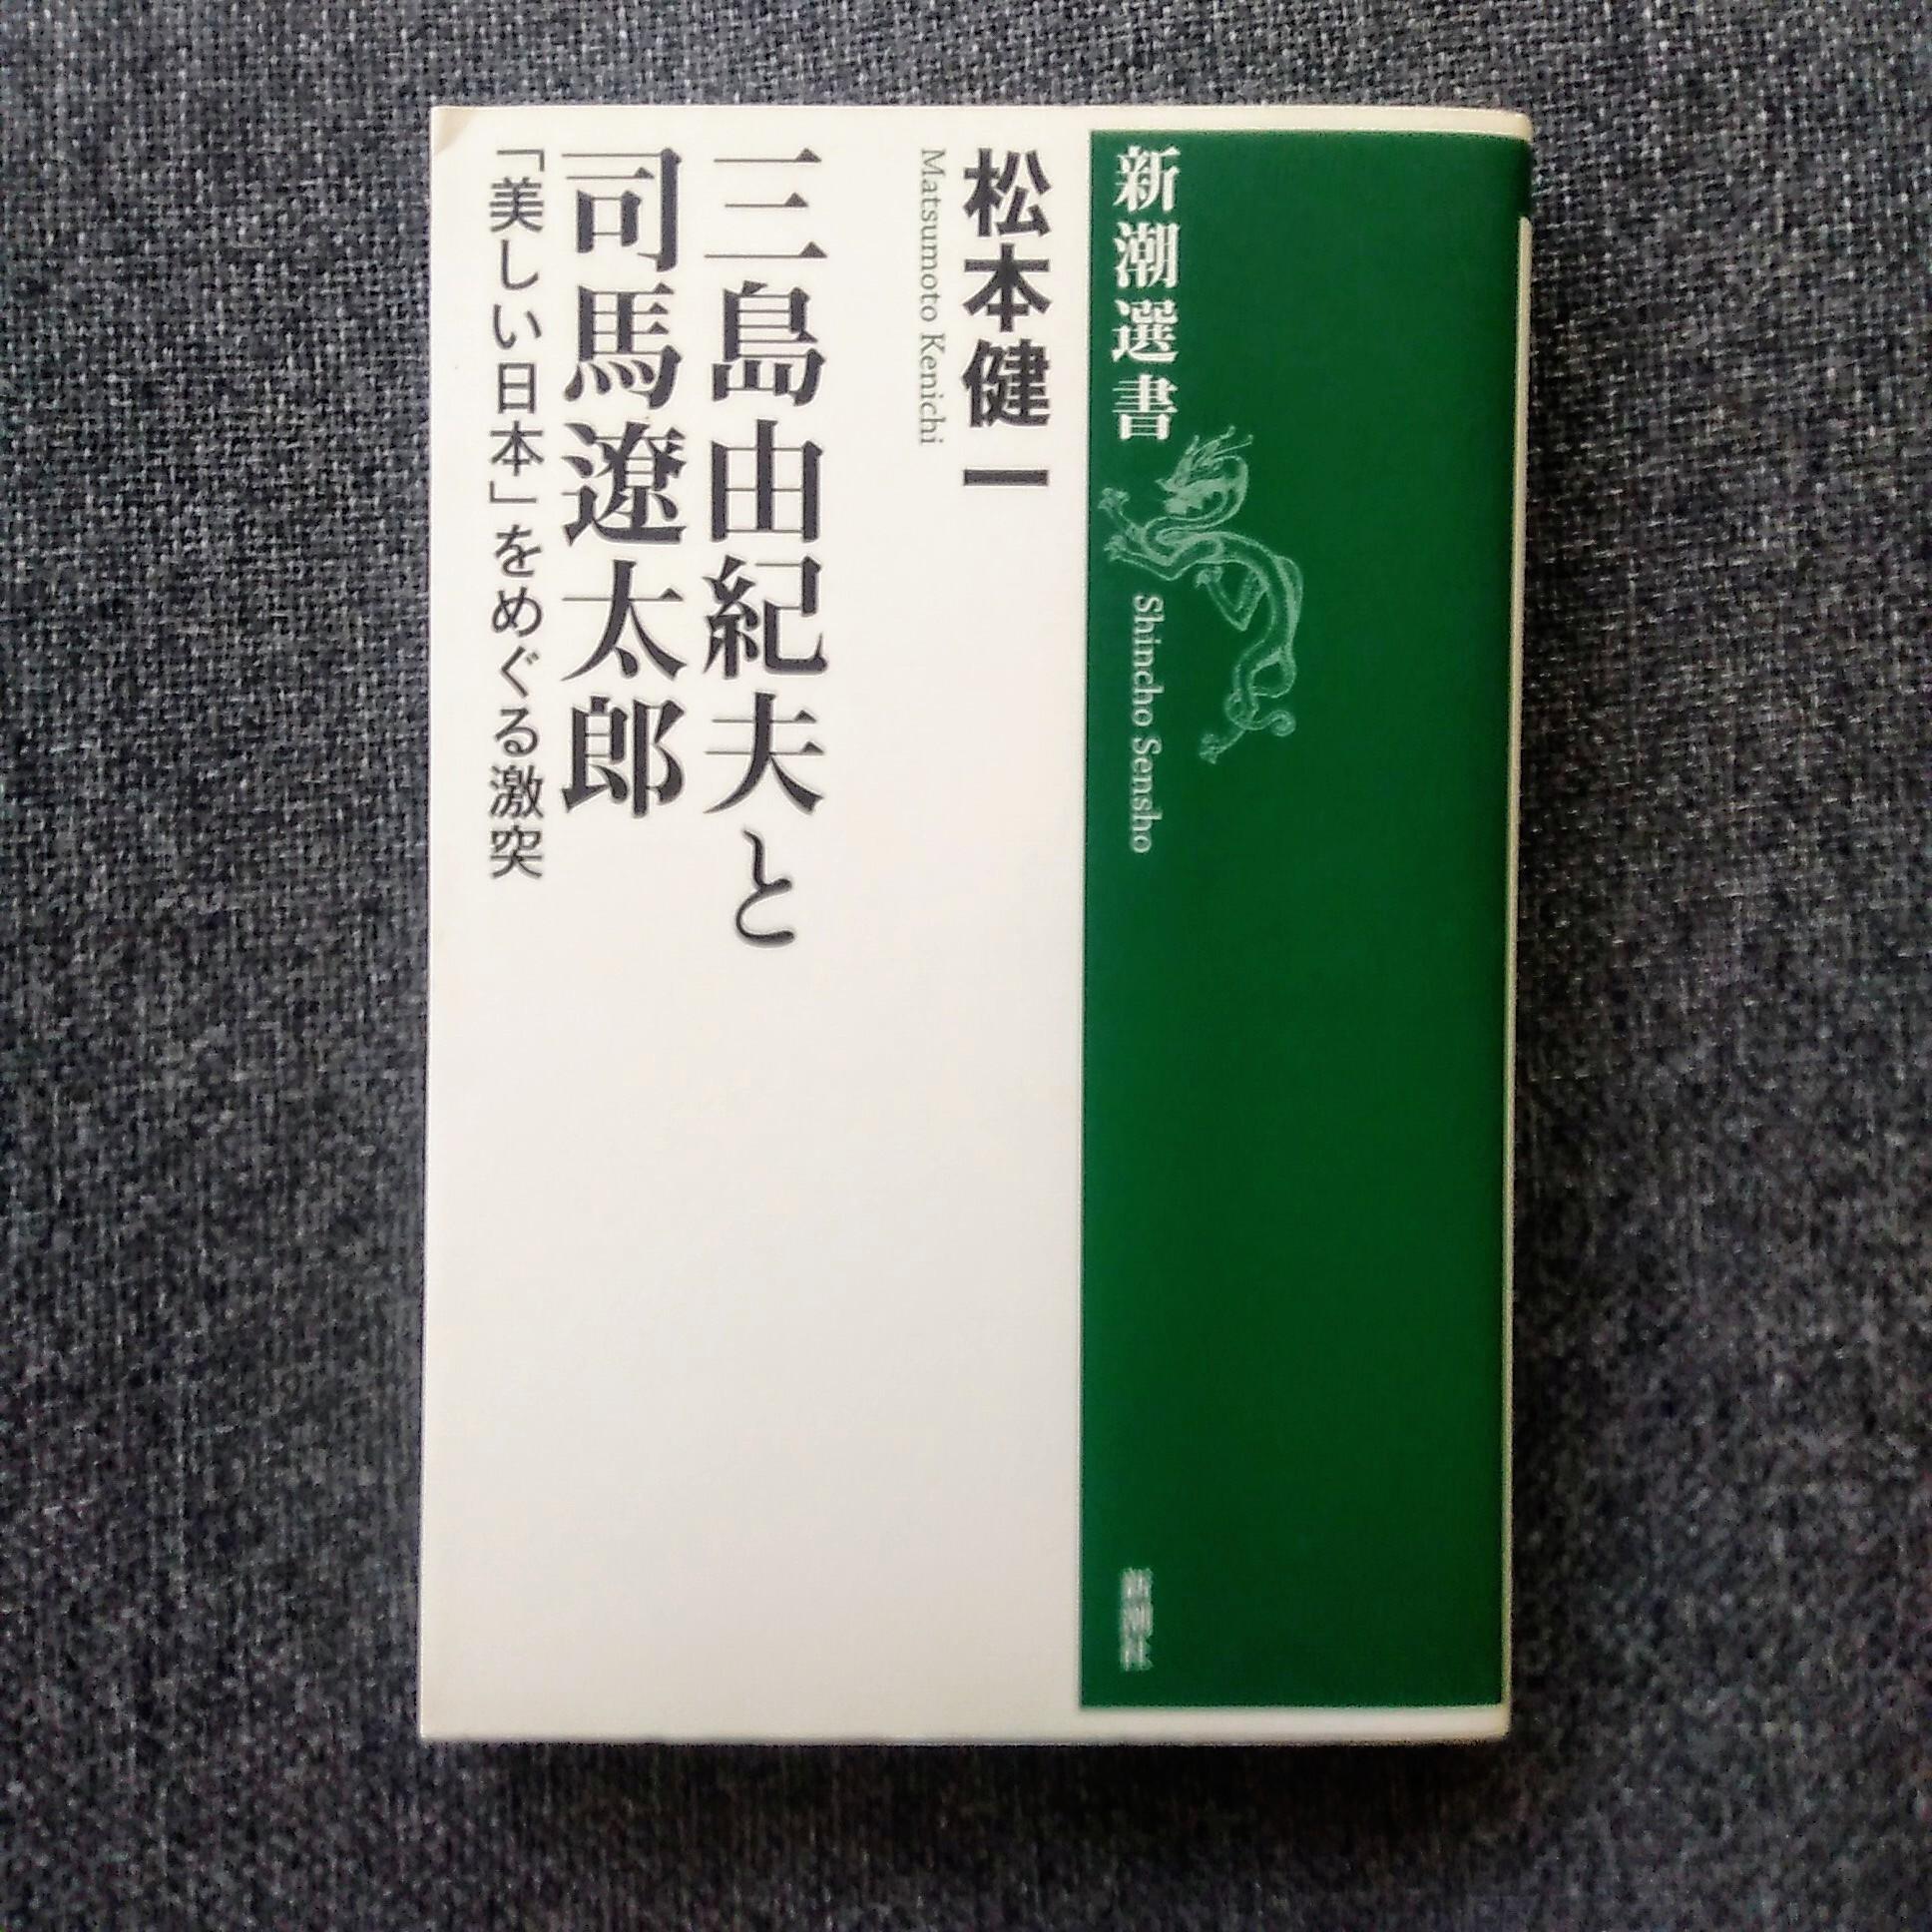 三島由紀夫と司馬遼太郎  「美しい日本」をめぐる激突 (新潮選書)